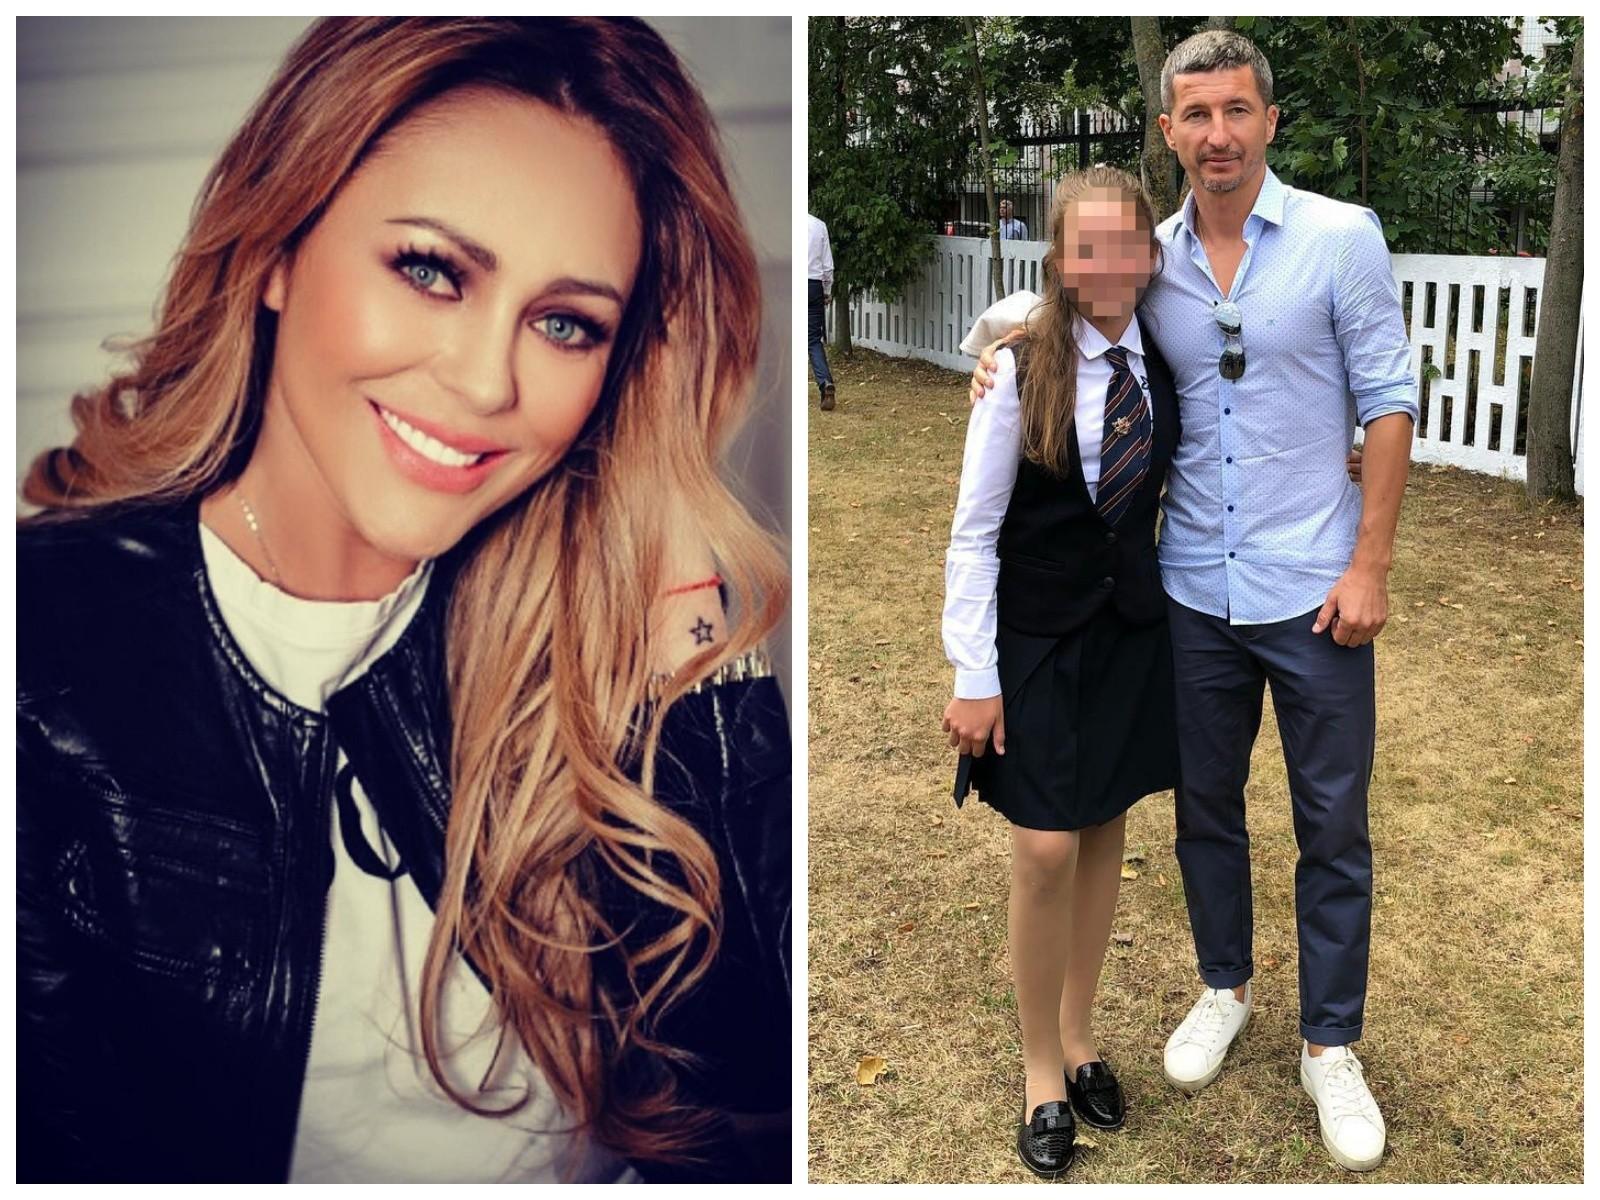 На фото справа Евгений Алдонин с дочкой Верой. Фото: instagram / julianachalova, evgeny_aldonin